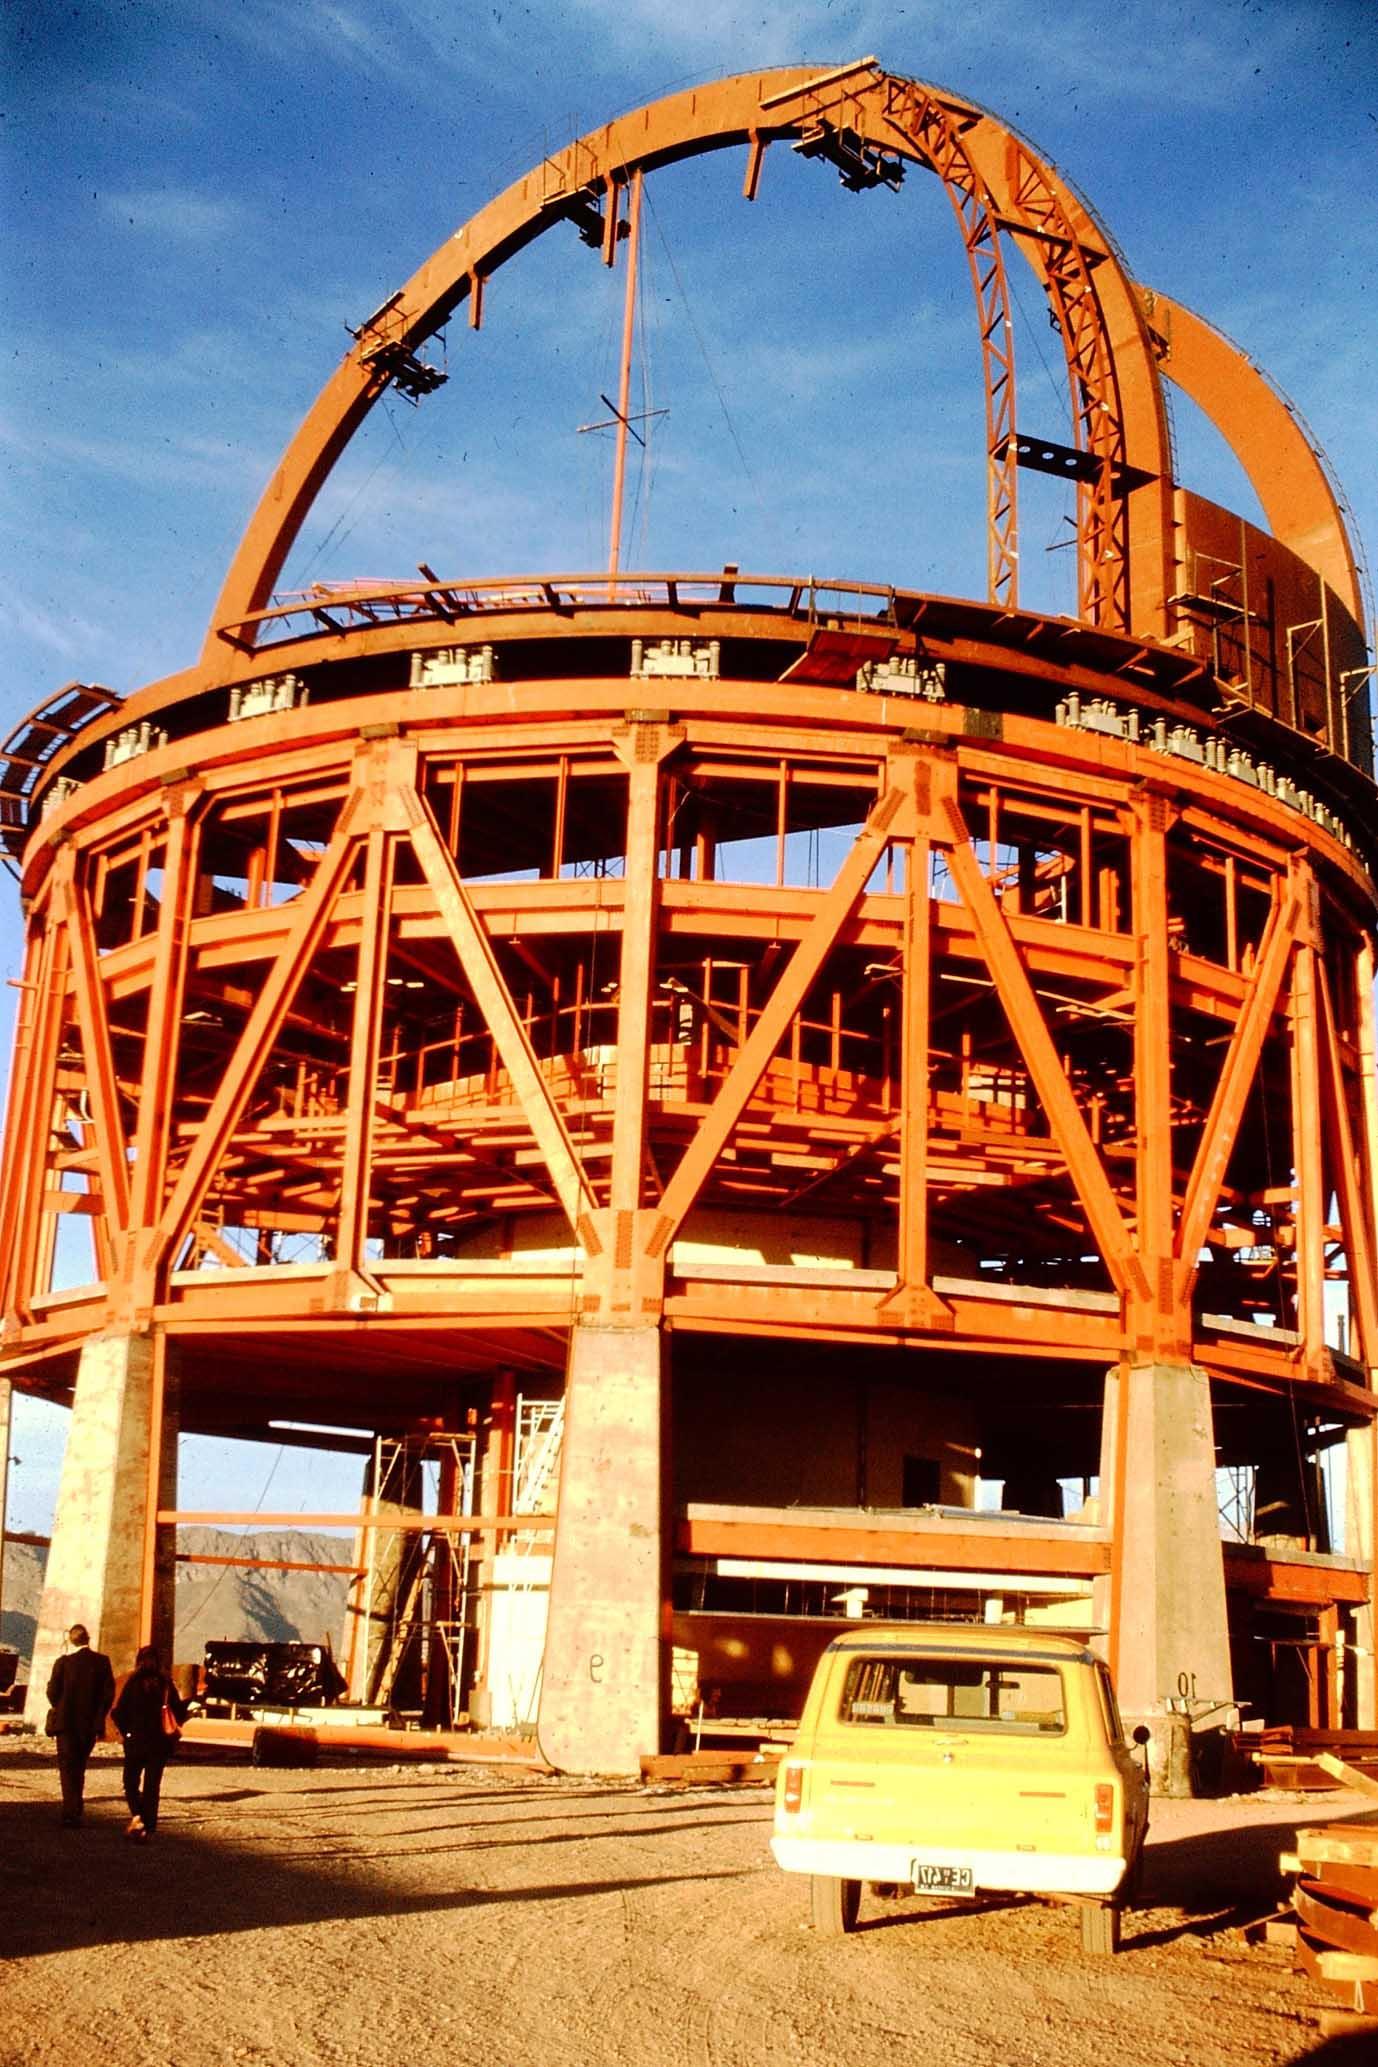 Enterreno - Fotos históricas de chile - fotos antiguas de Chile - Construcción telescopio en 1975